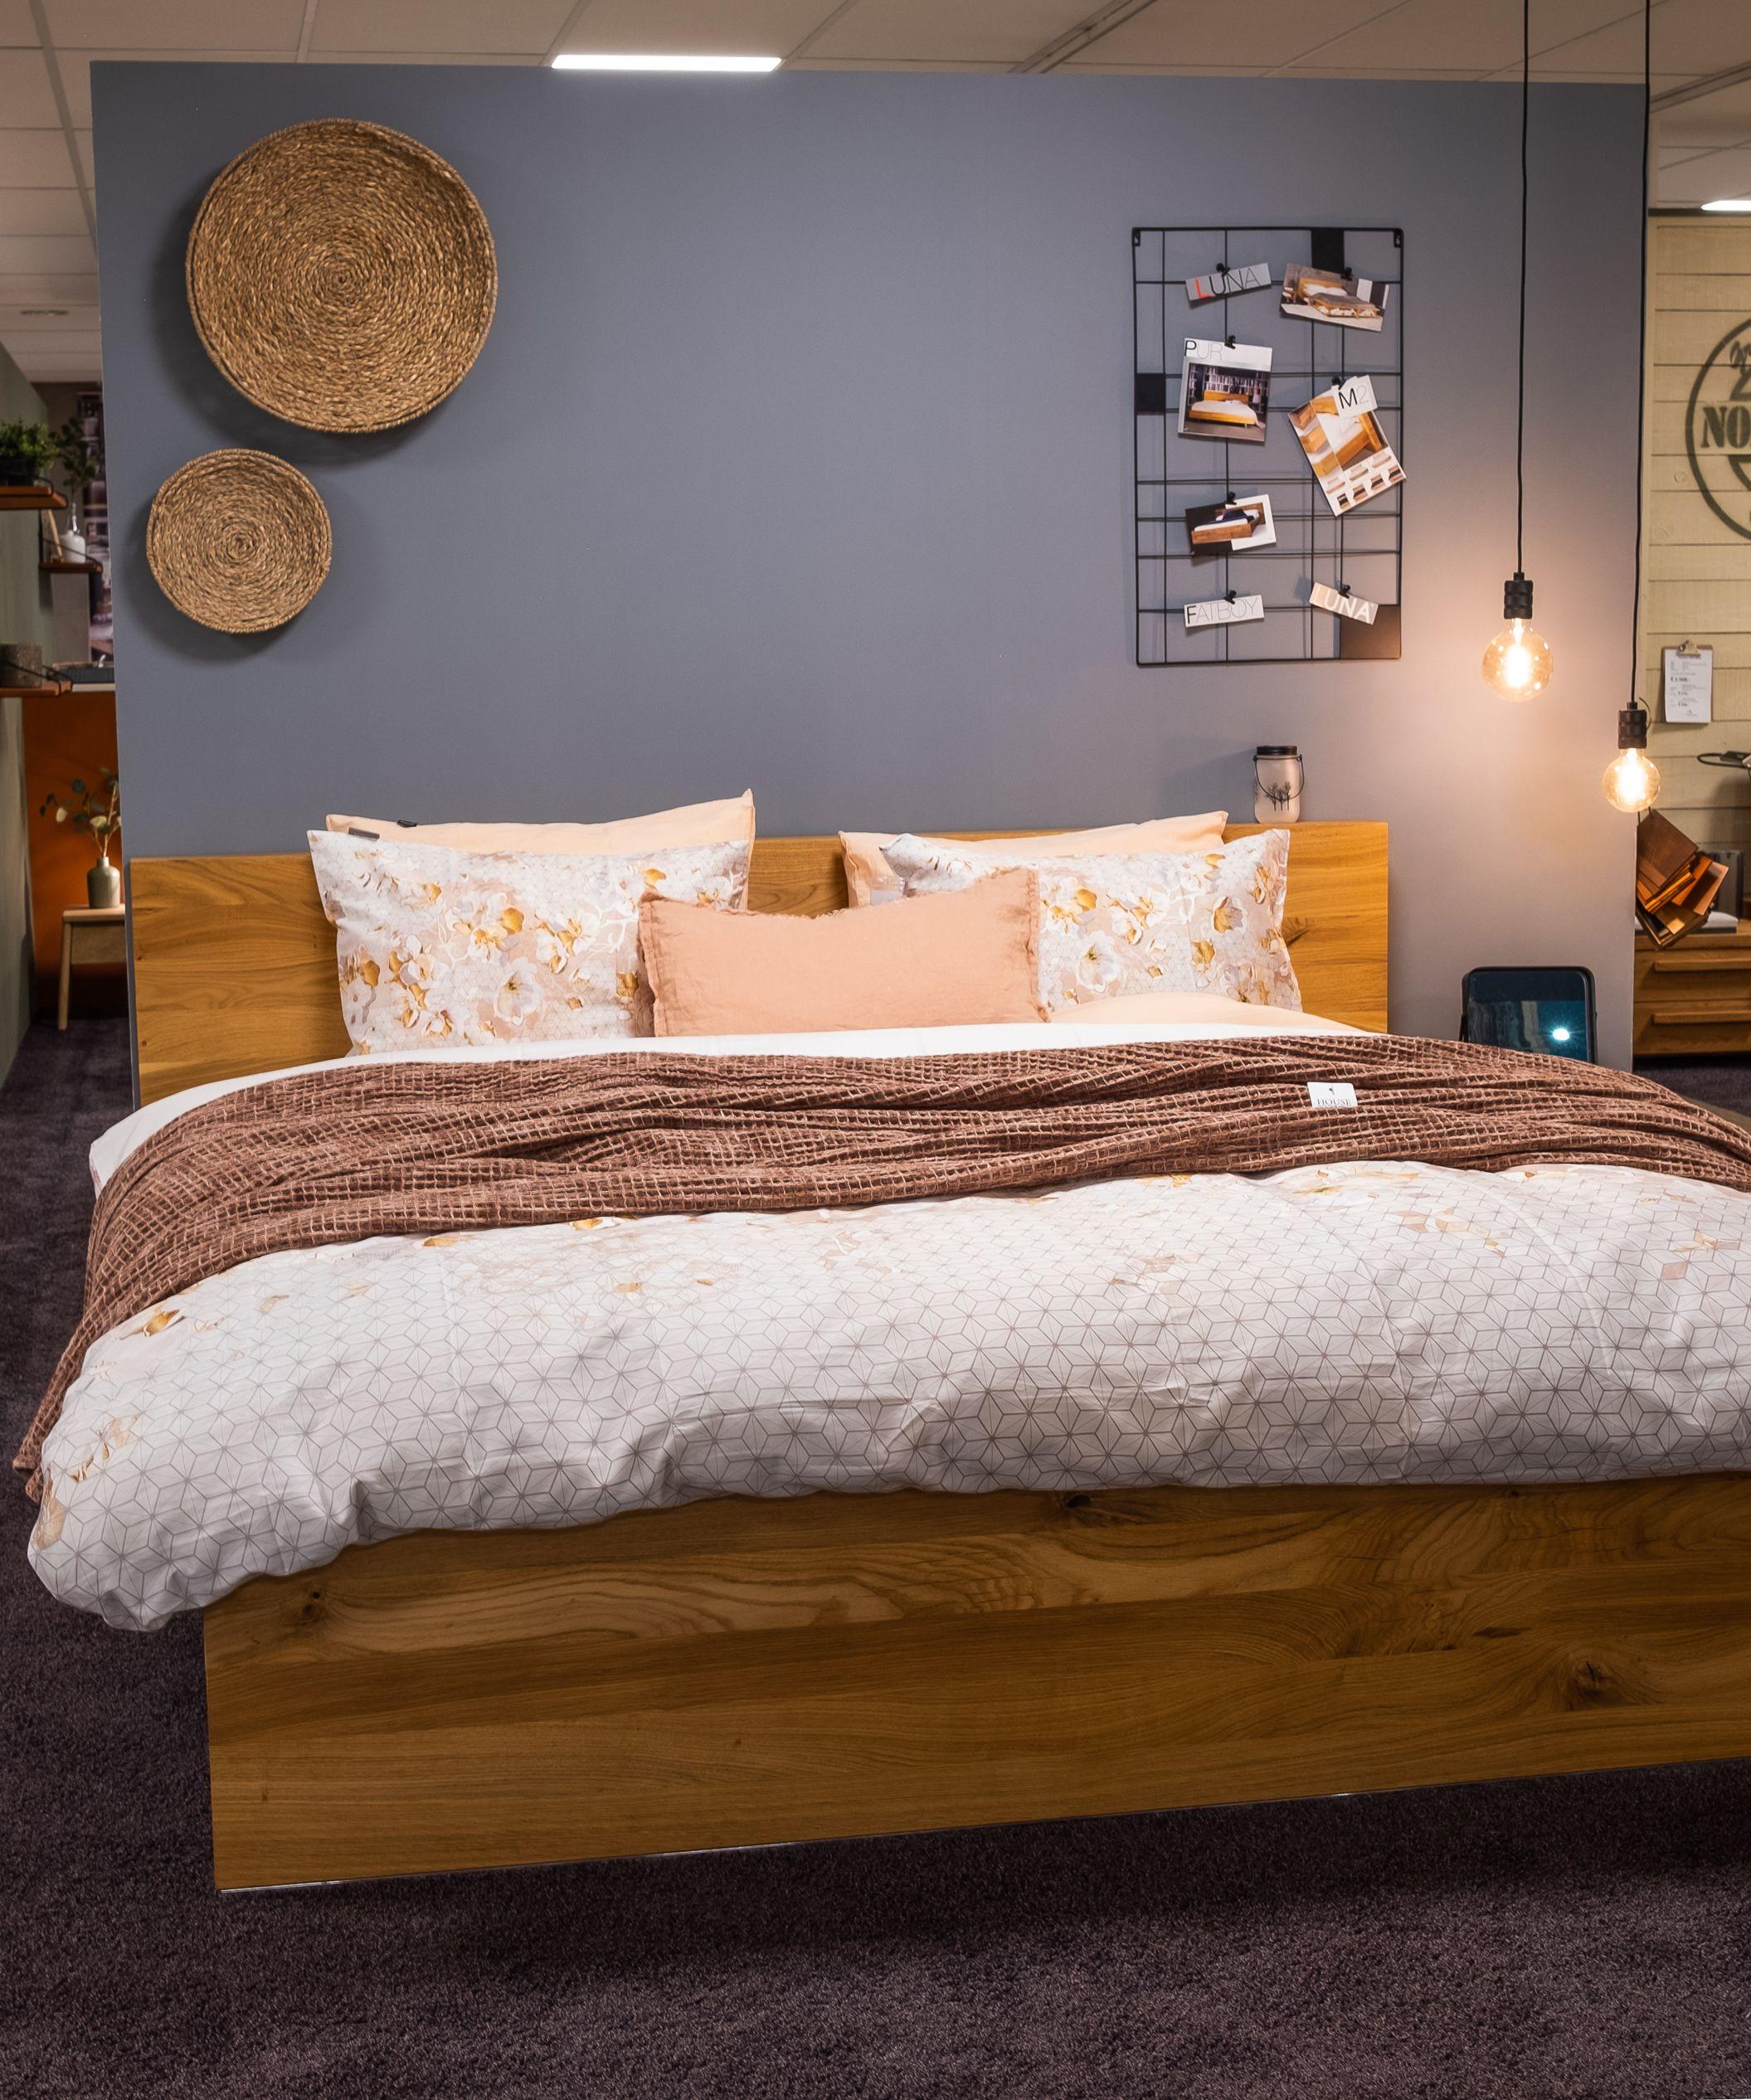 Zo Maak Je De Slaapkamer Gezellig Meubel Ideeen Thuis Thuisdecoratie